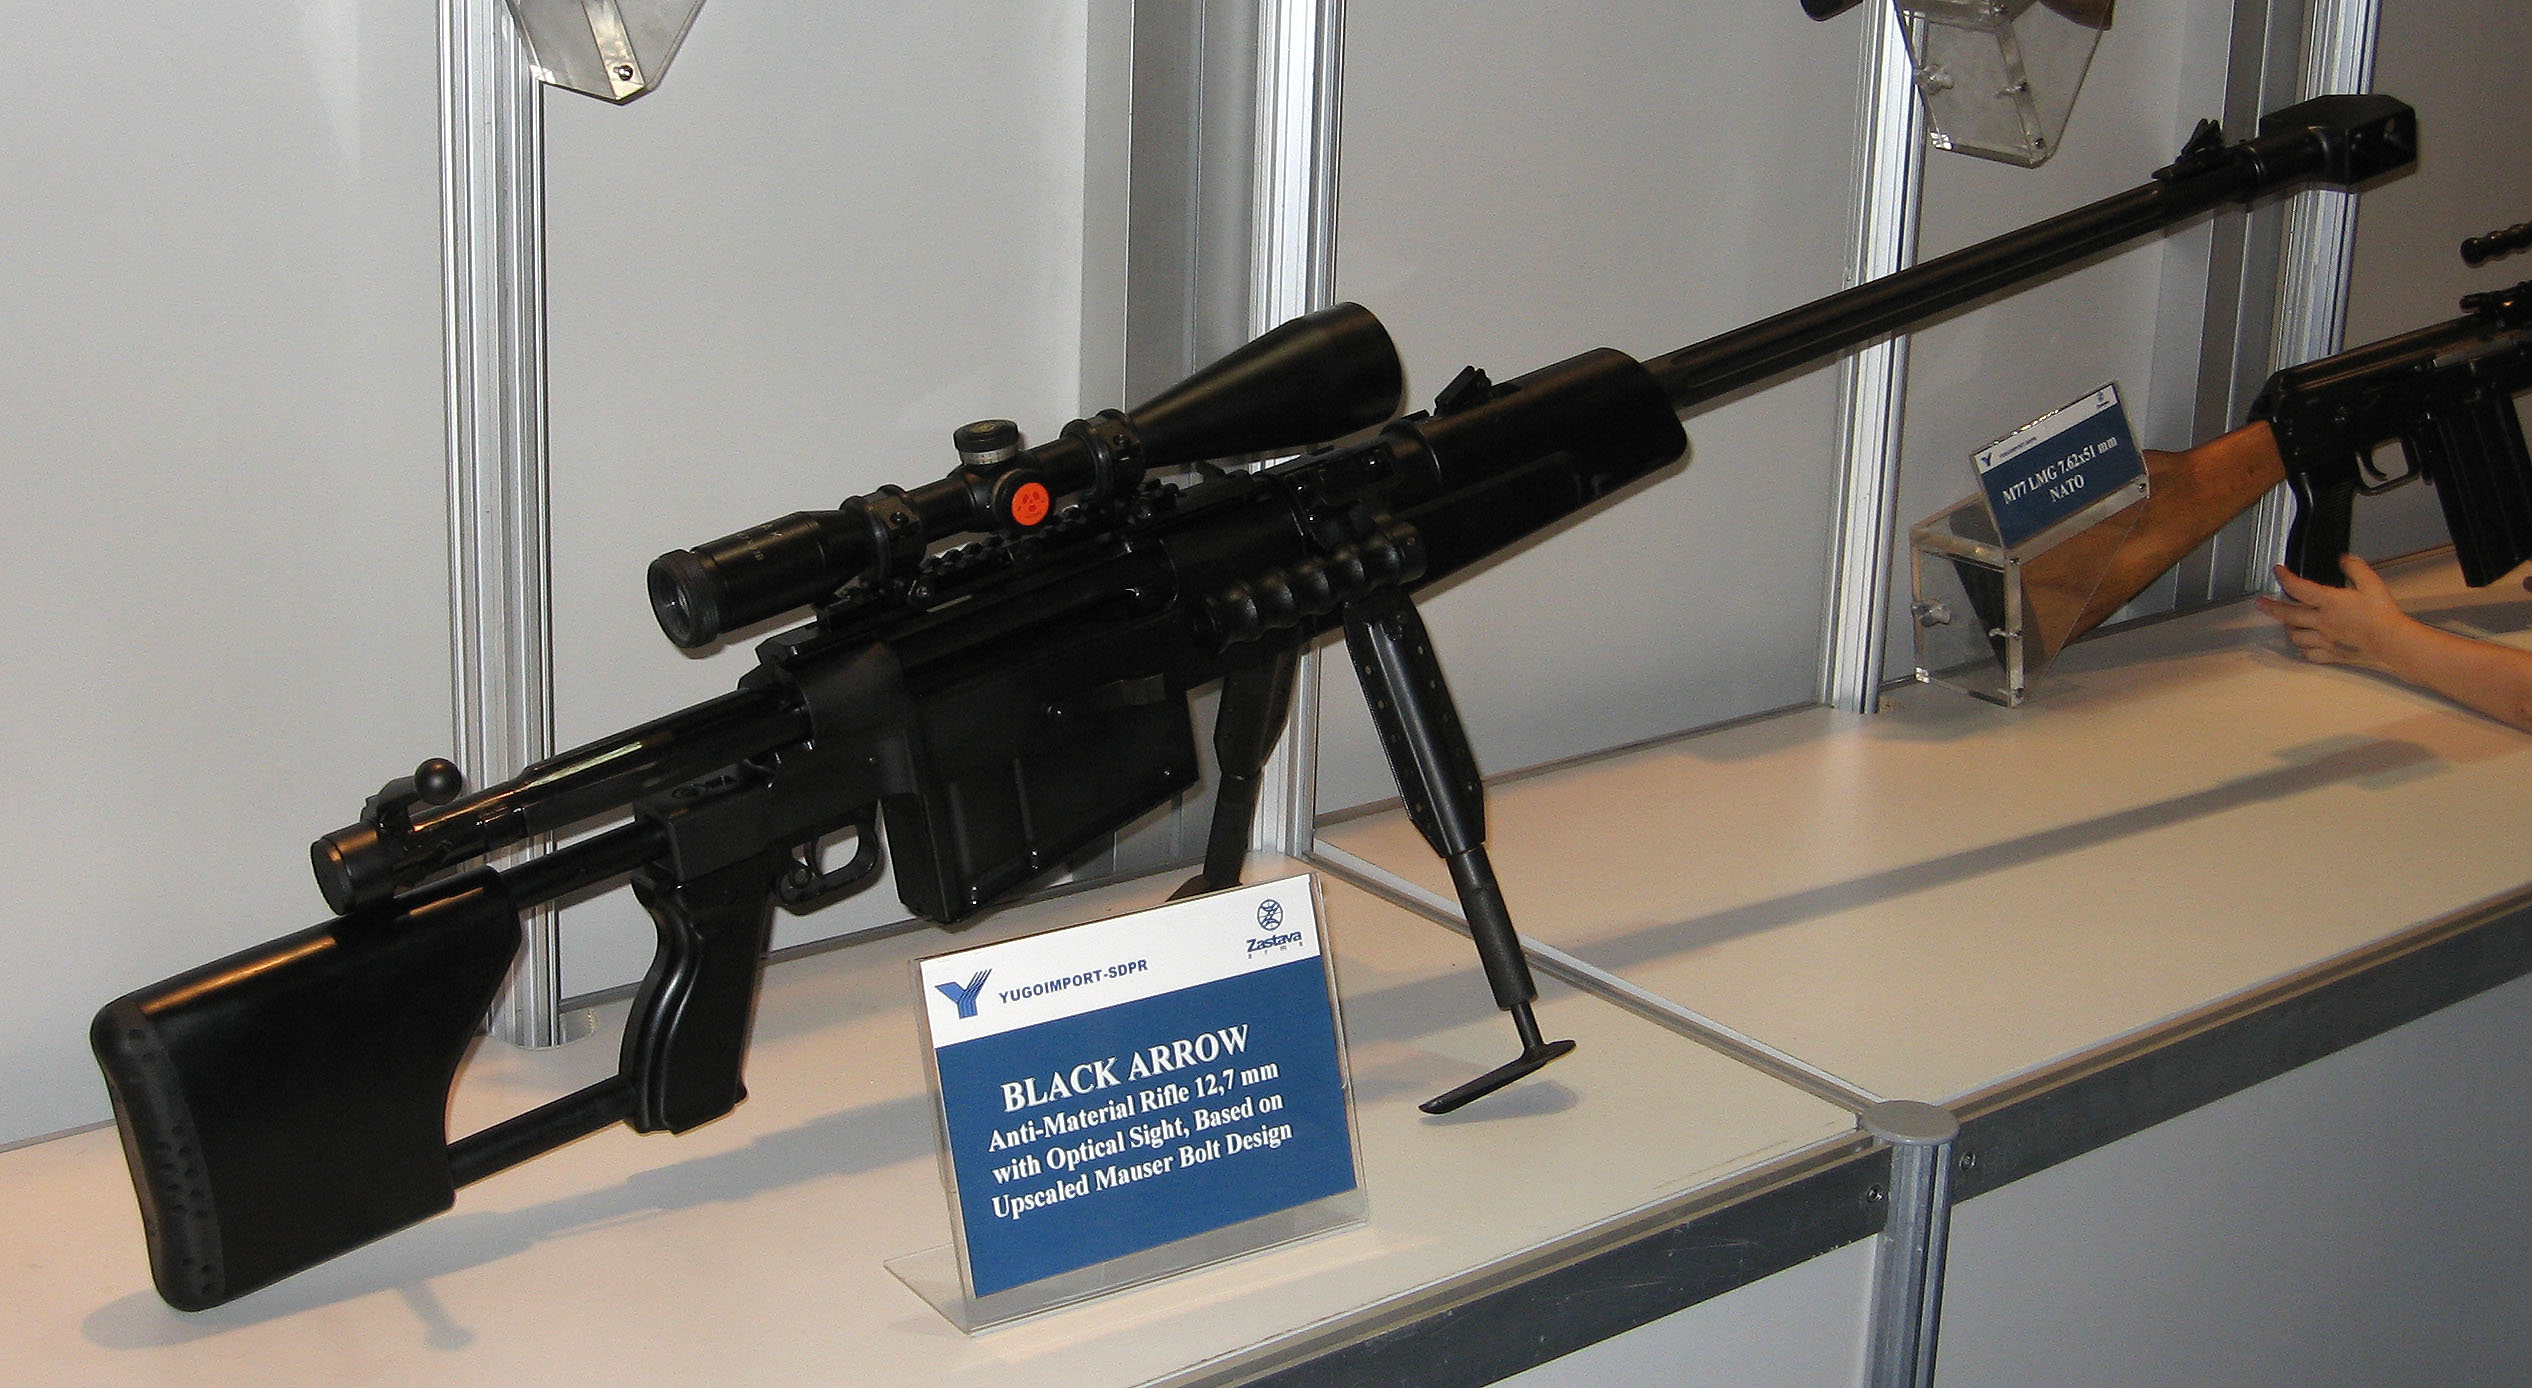 Крупнокалиберные винтовки М 93 «Black Arrow» (Югославия) и RT-20 (Хорватия)